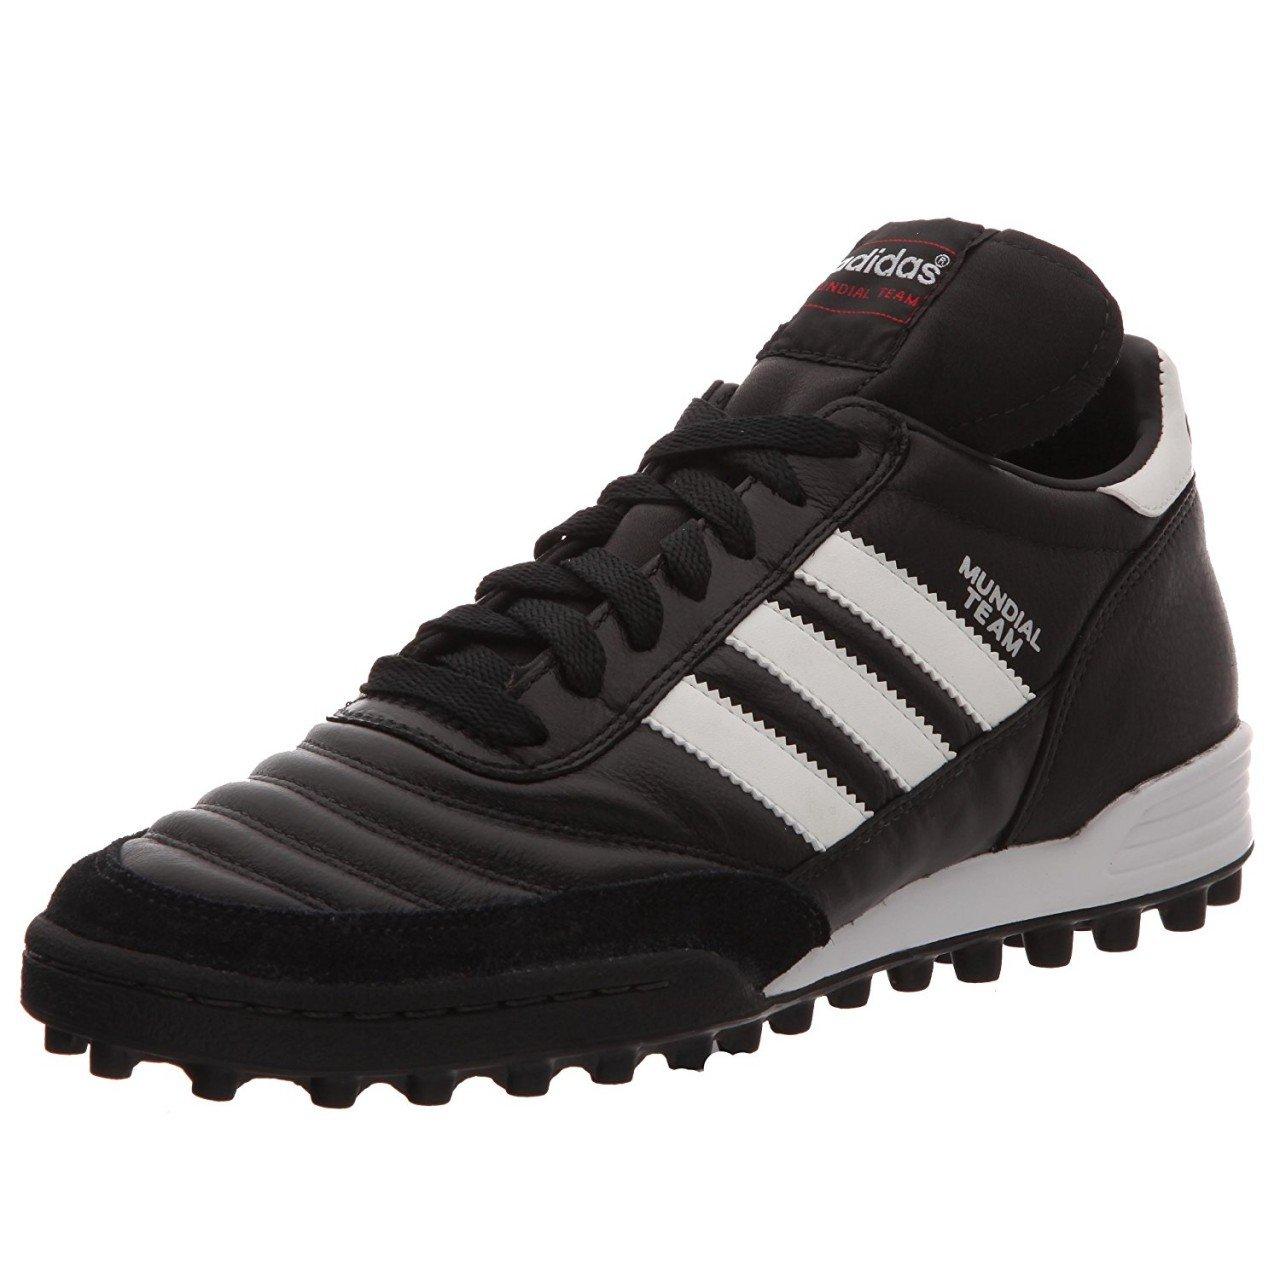 [アディダス] adidas ムンディアル チーム 019228 019228 (ブラック/ランニングホワイト/レッド/22.0) B00P0N4E68 26.5 Black-White